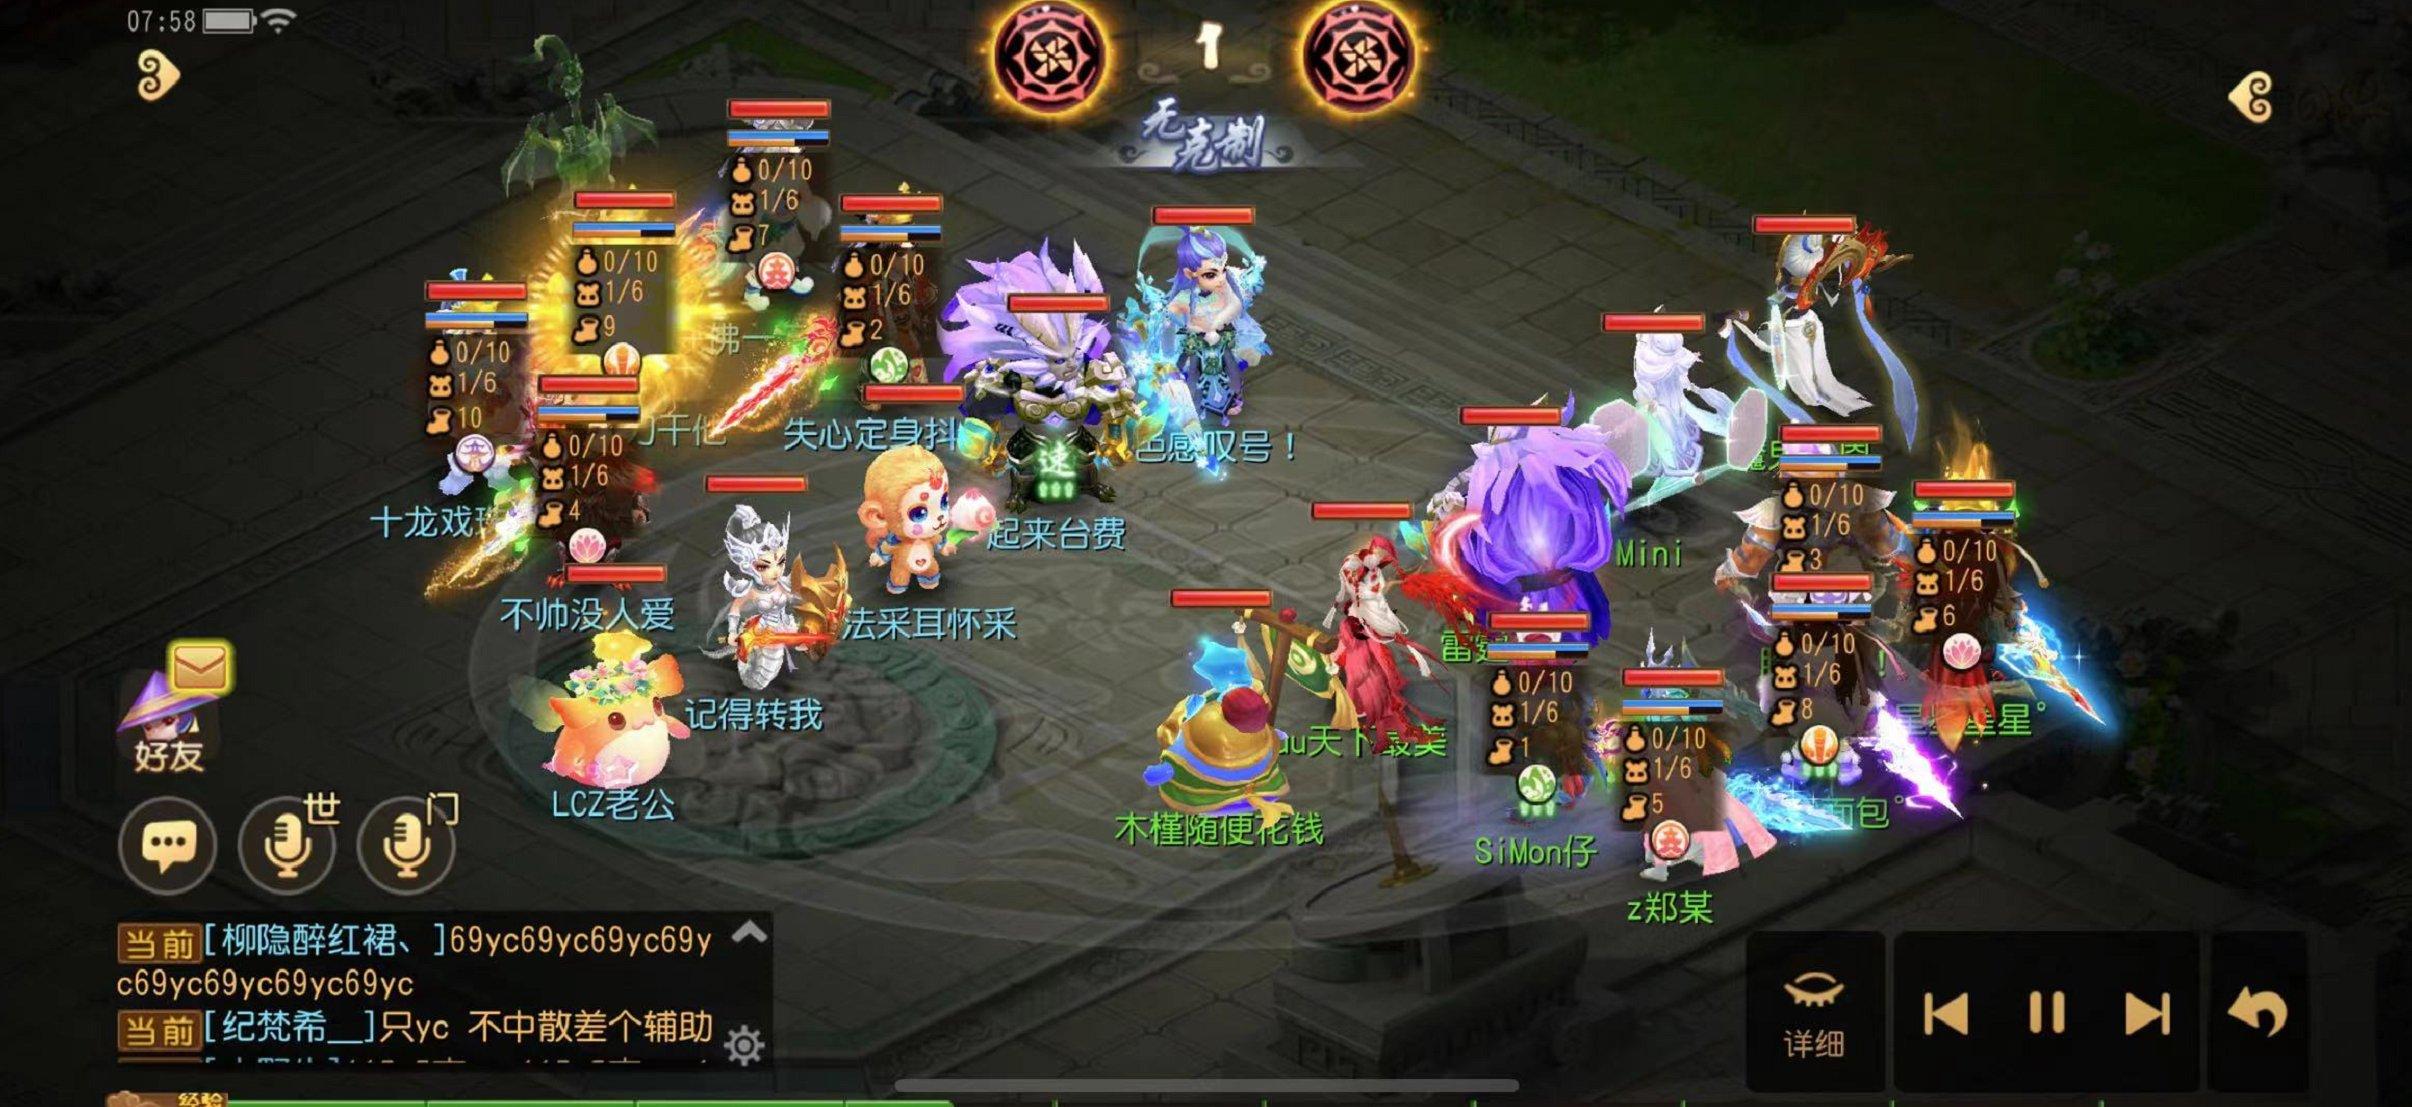 三界风云起,《梦幻西游》手游最新战斗平衡调整测试火热进行中!